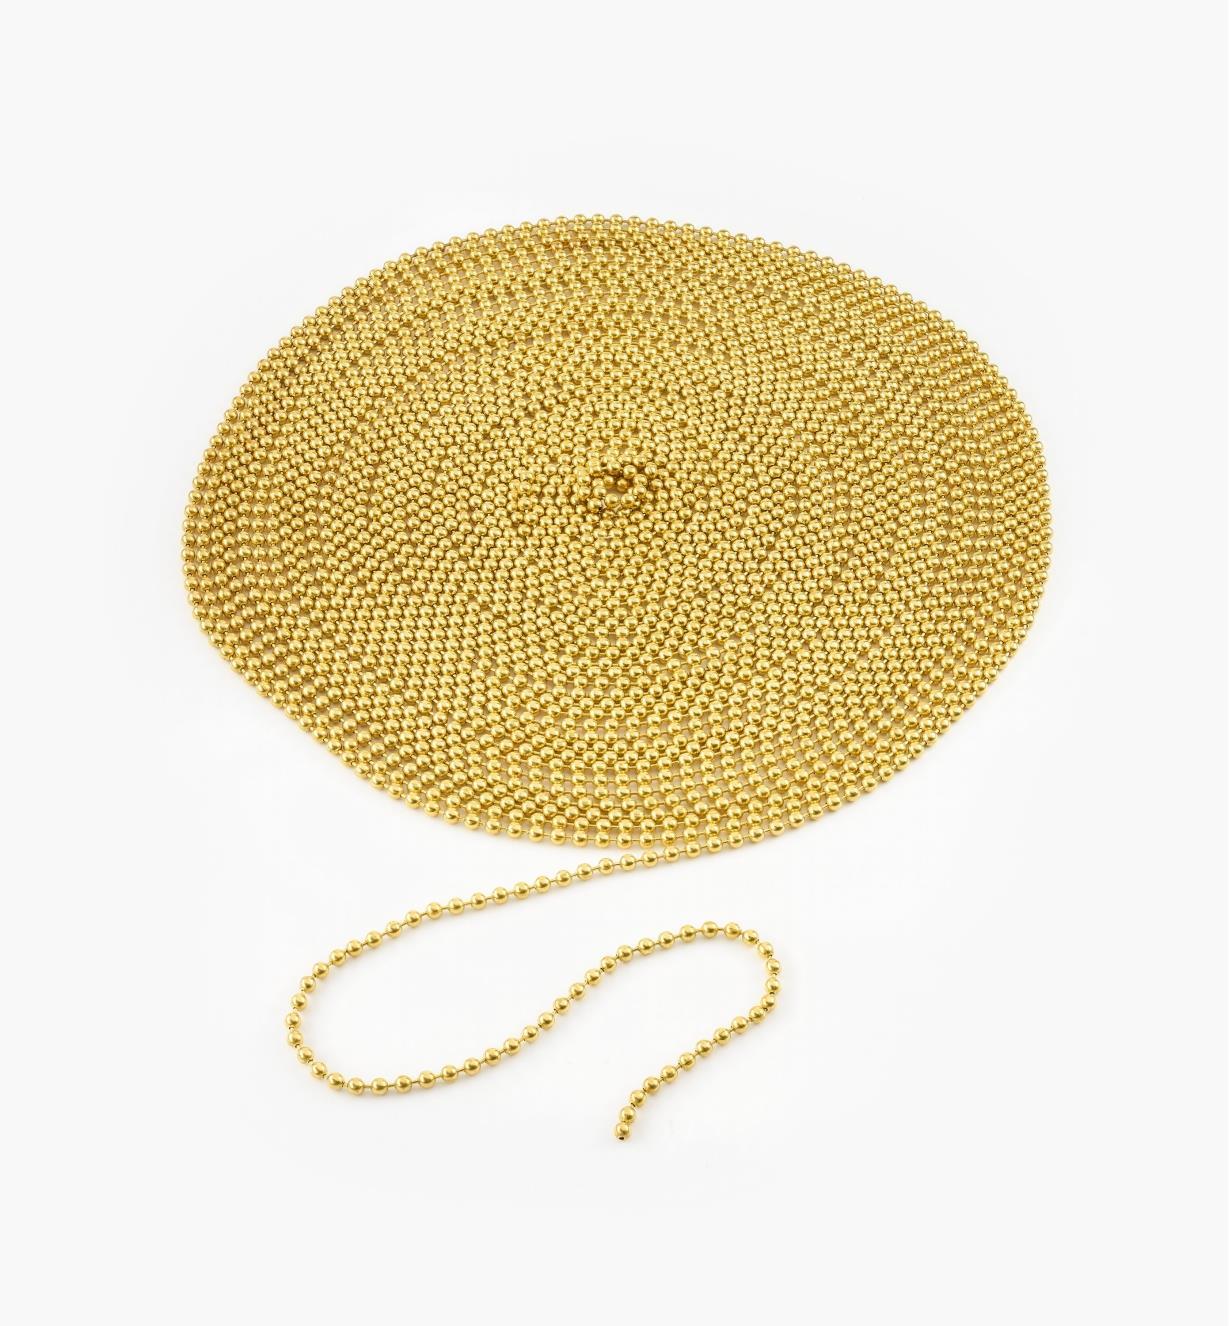 00G4402 - #10 Ball Chain, 50'